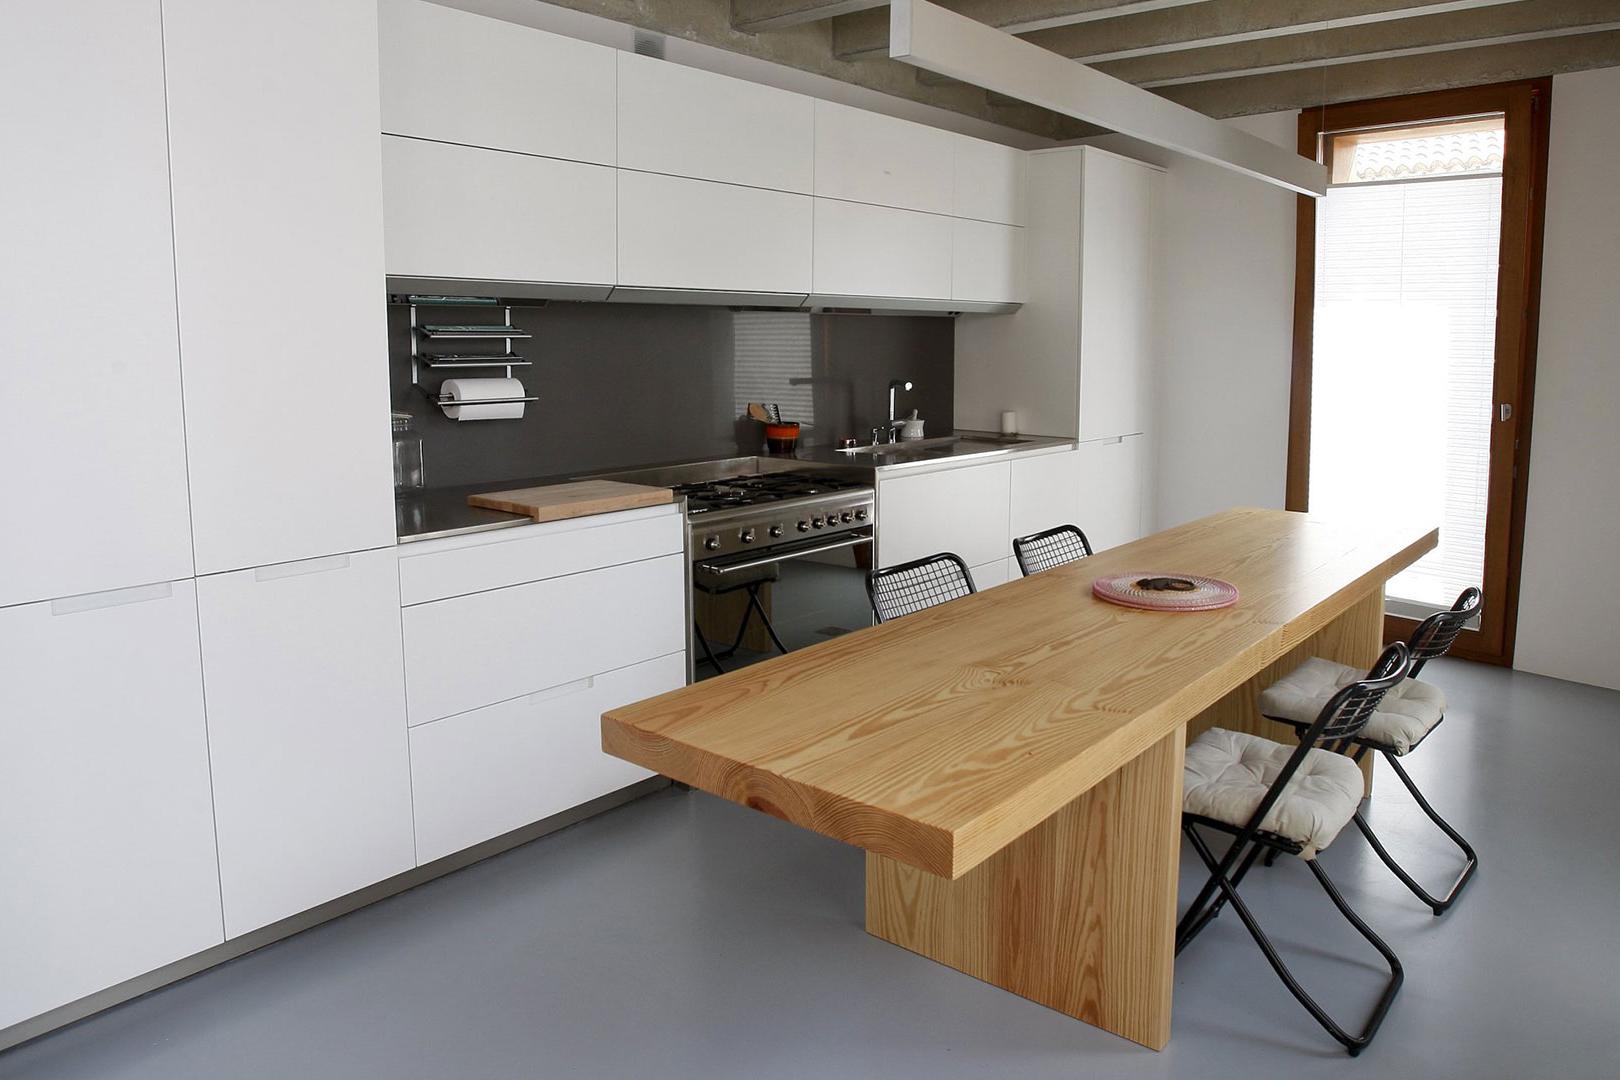 5 ideas para distribuir la cocina | Lineal | Cocinas Santos | Santiago Interiores